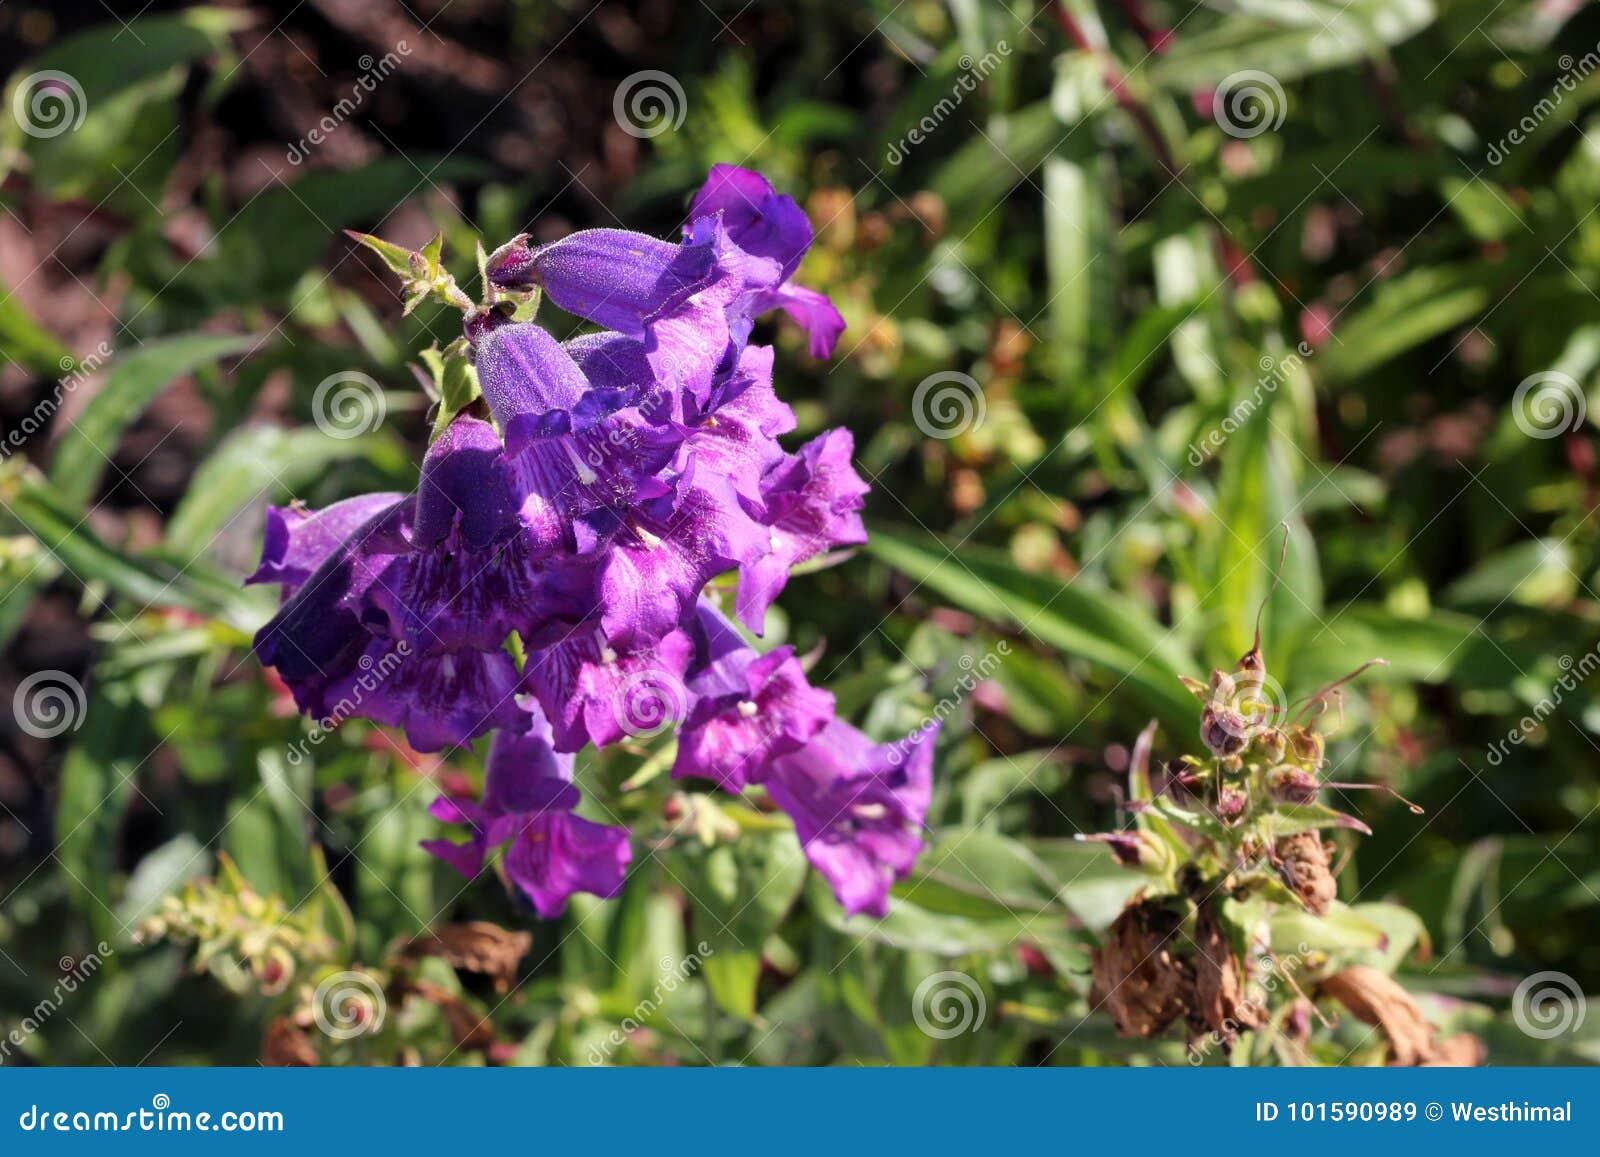 Penstemon purple cultivar